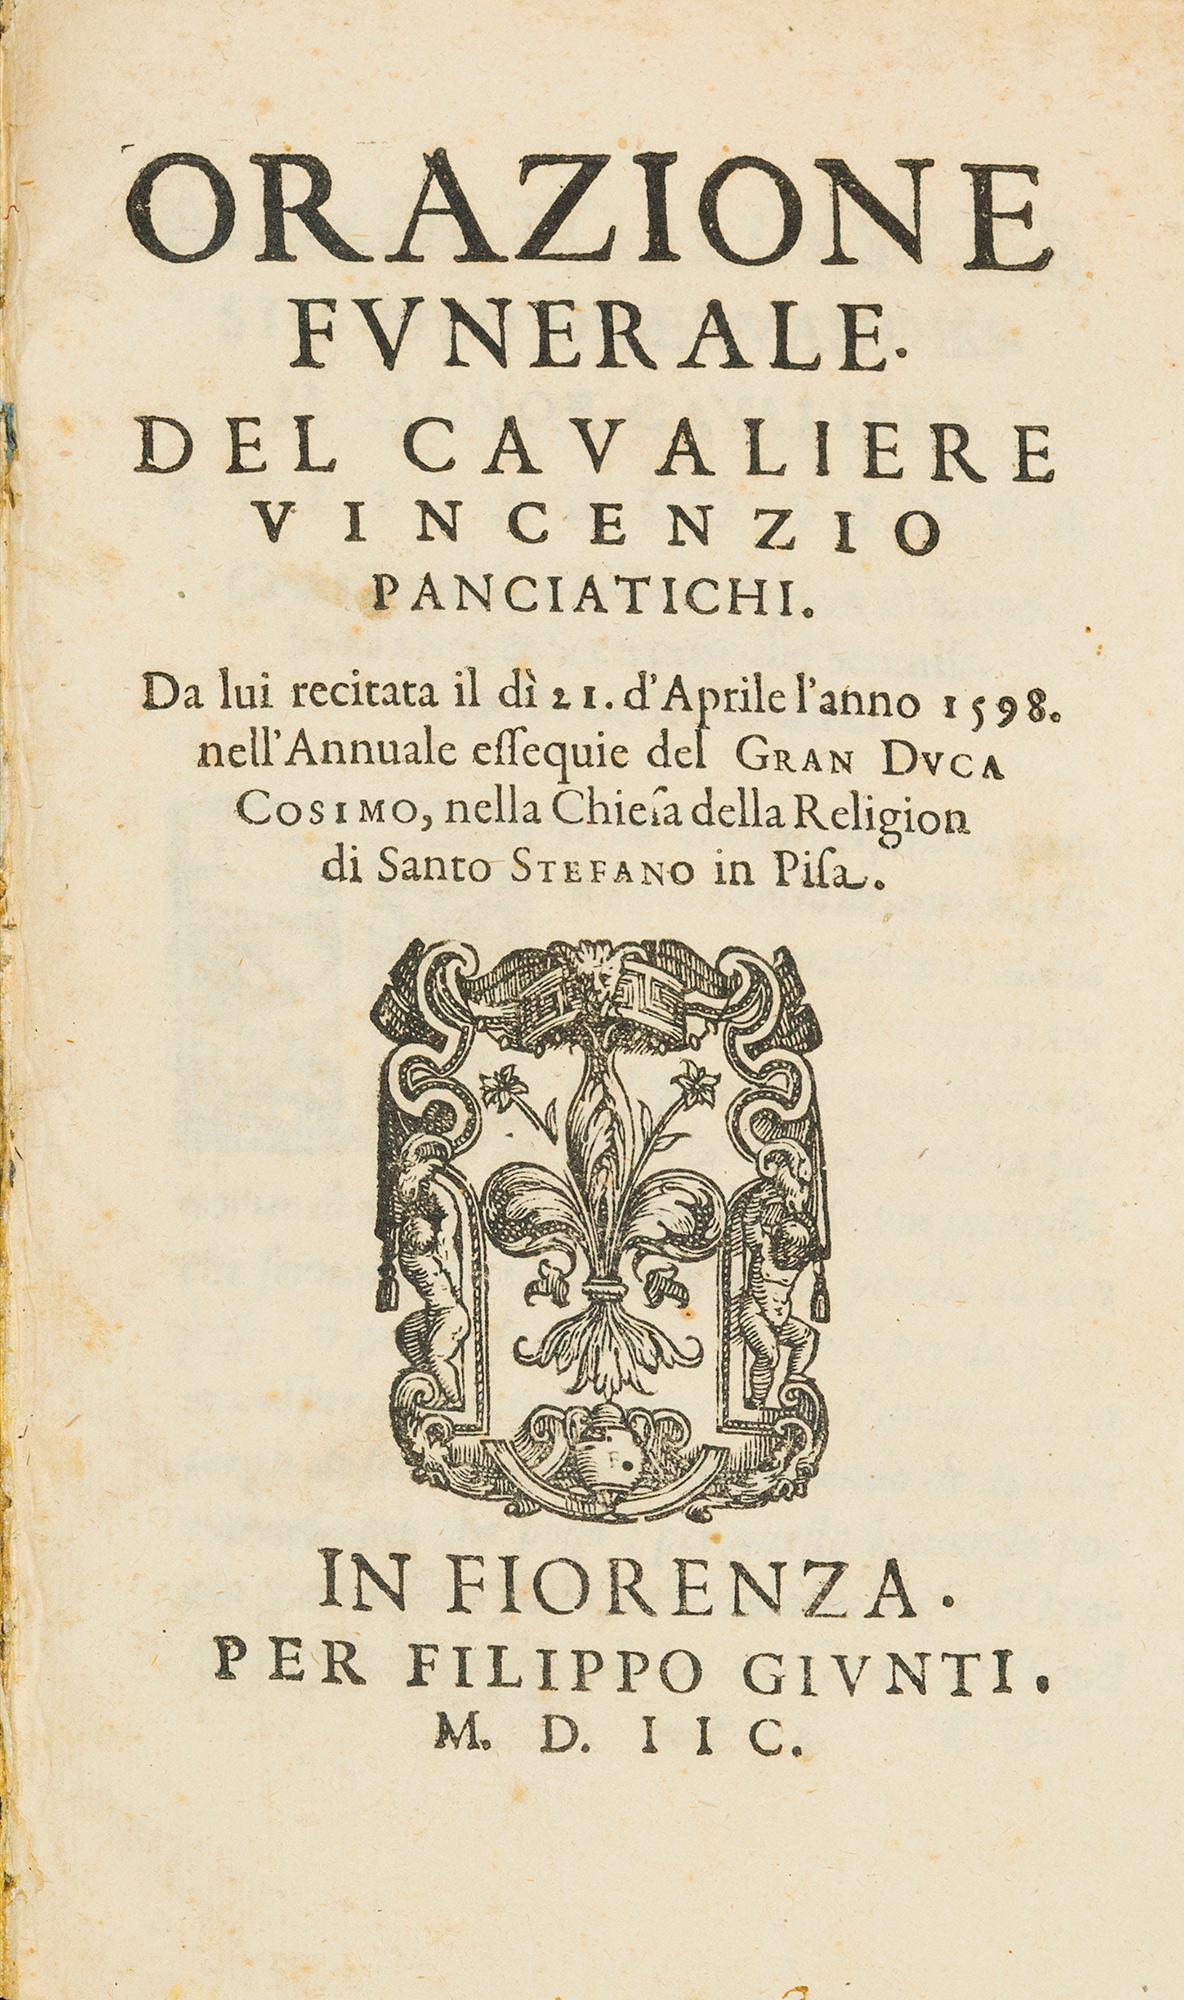 Orazione funerale. Del caualiere Vincenzio Panciatichi. Da lui recitata il dì 21. d'aprile l'anno 1598 nell'annuale essequie del gran duca Cosimo